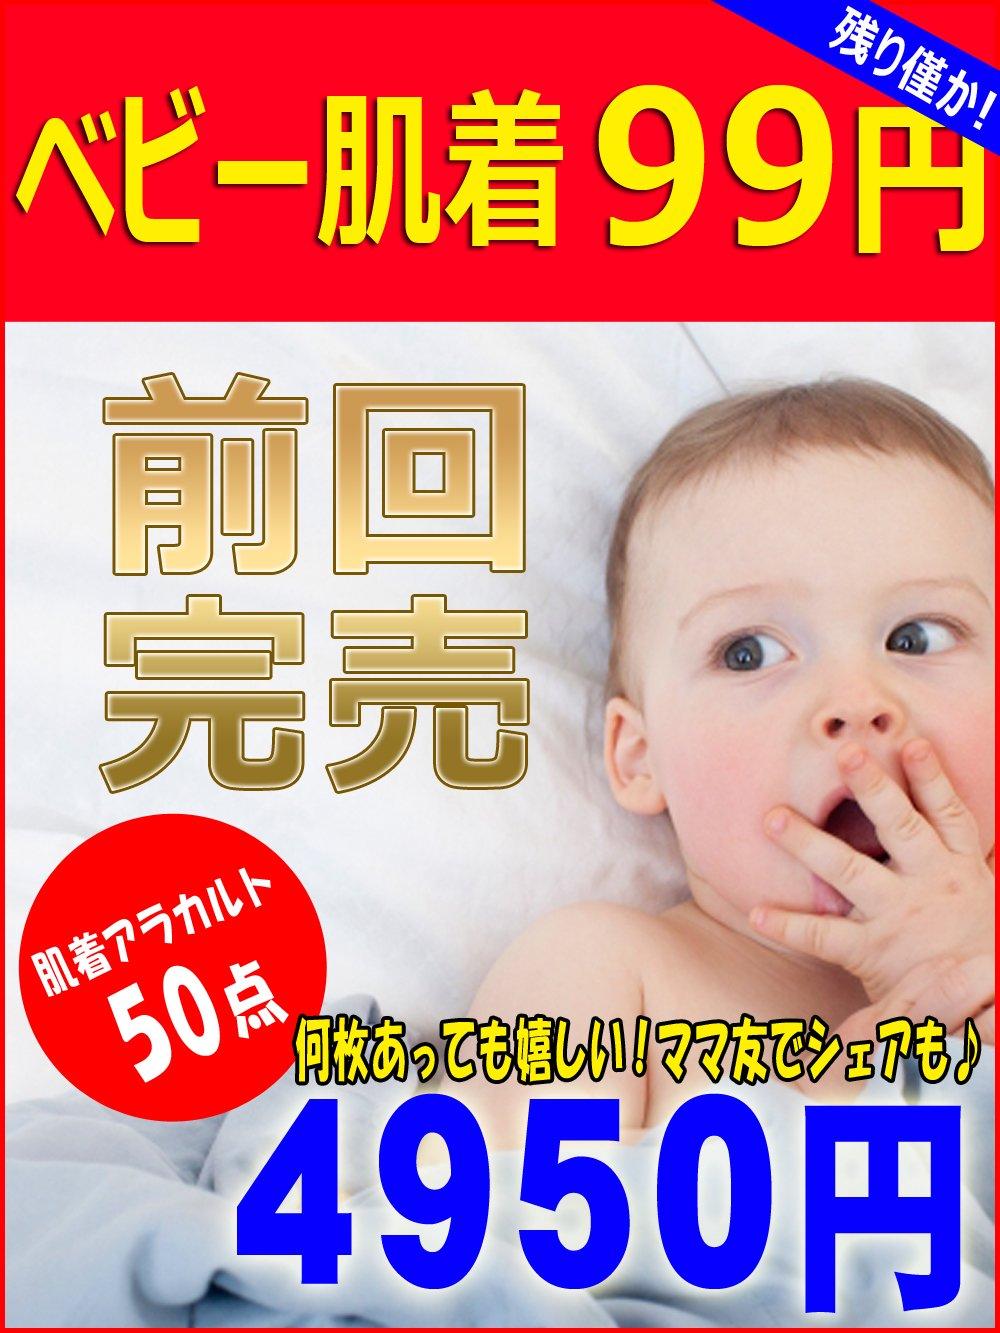 【激安1点99円】ベビー肌着●在庫僅か 限定30セット【 50点 】@99 ●洗替え必須!!ママ友とシェアも♪